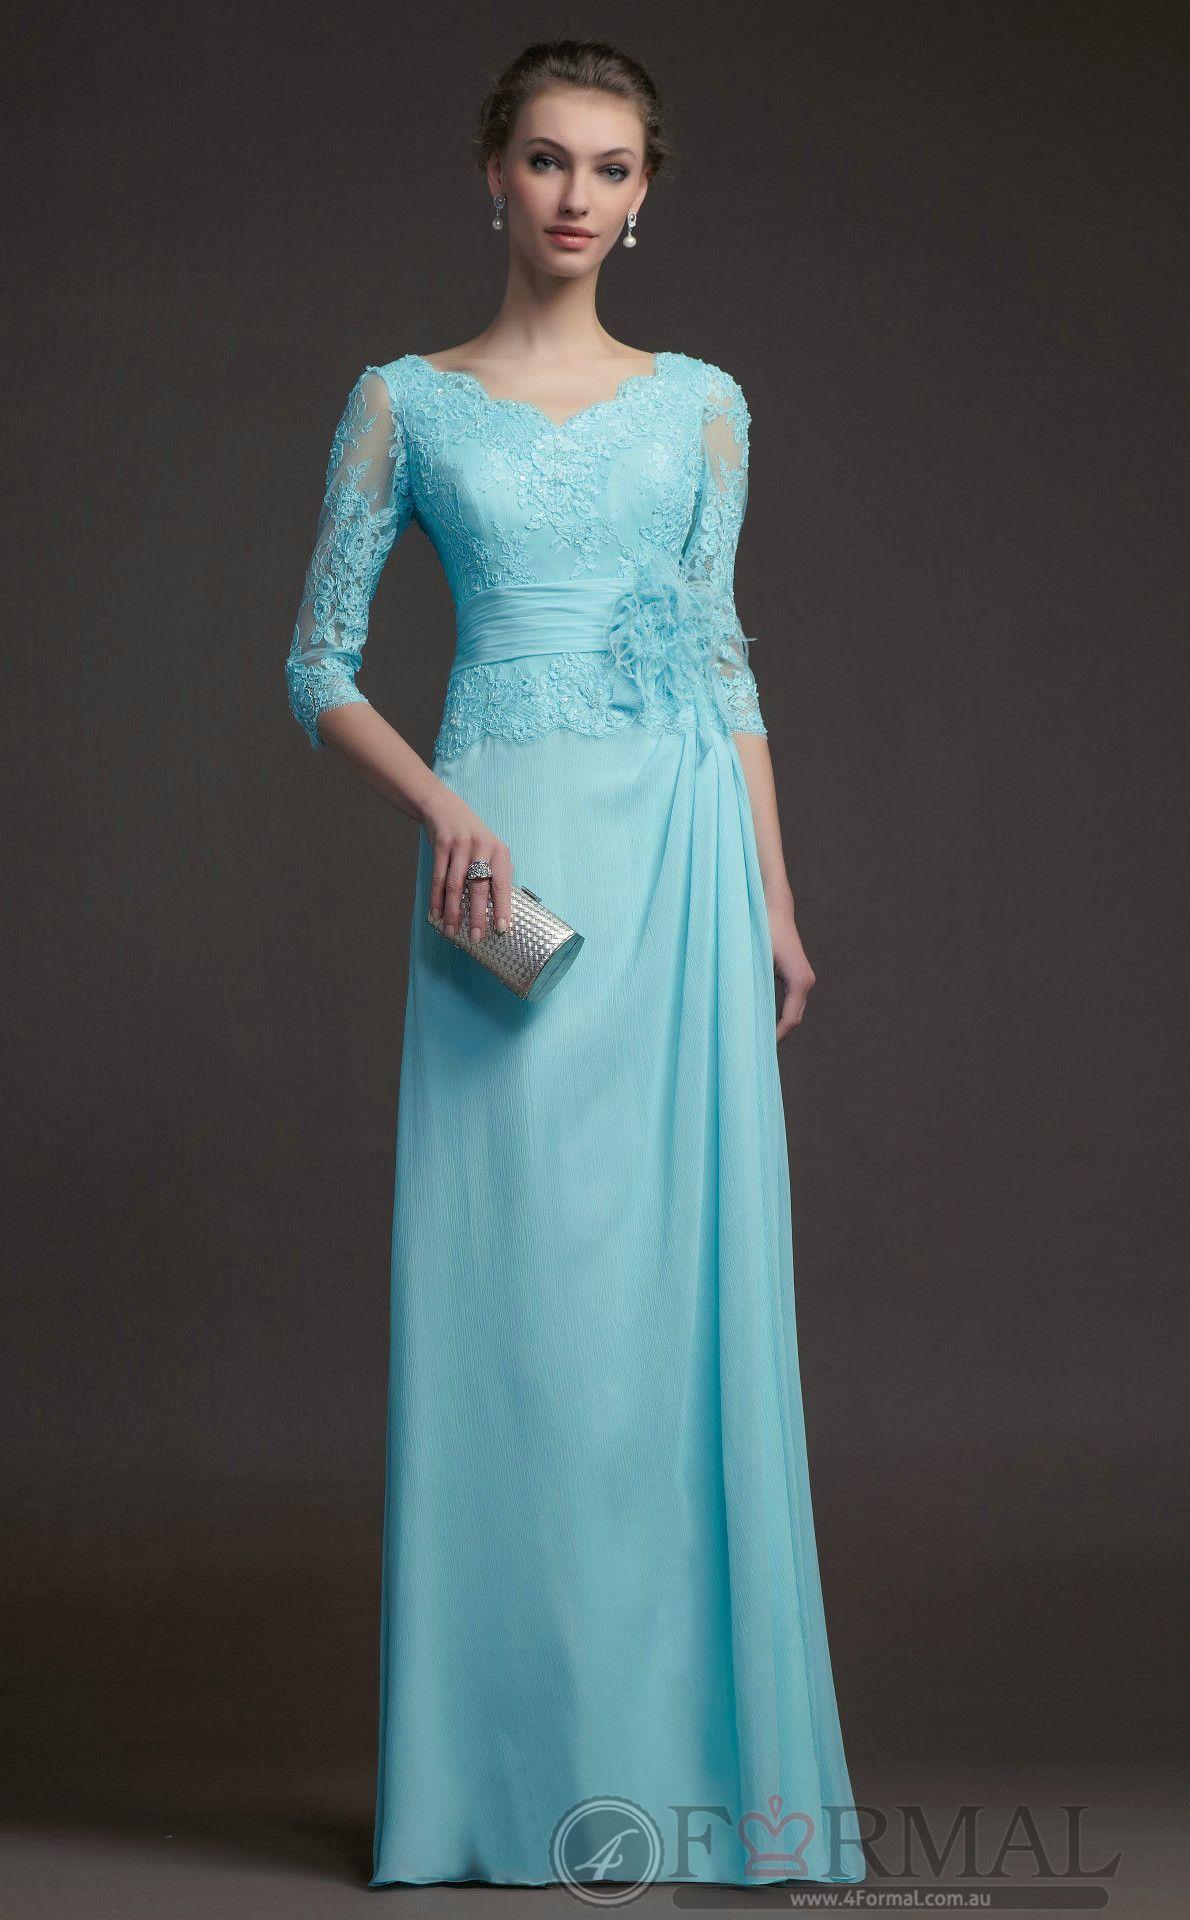 Green lace long semiformal vneck bridesmaid dress at formal